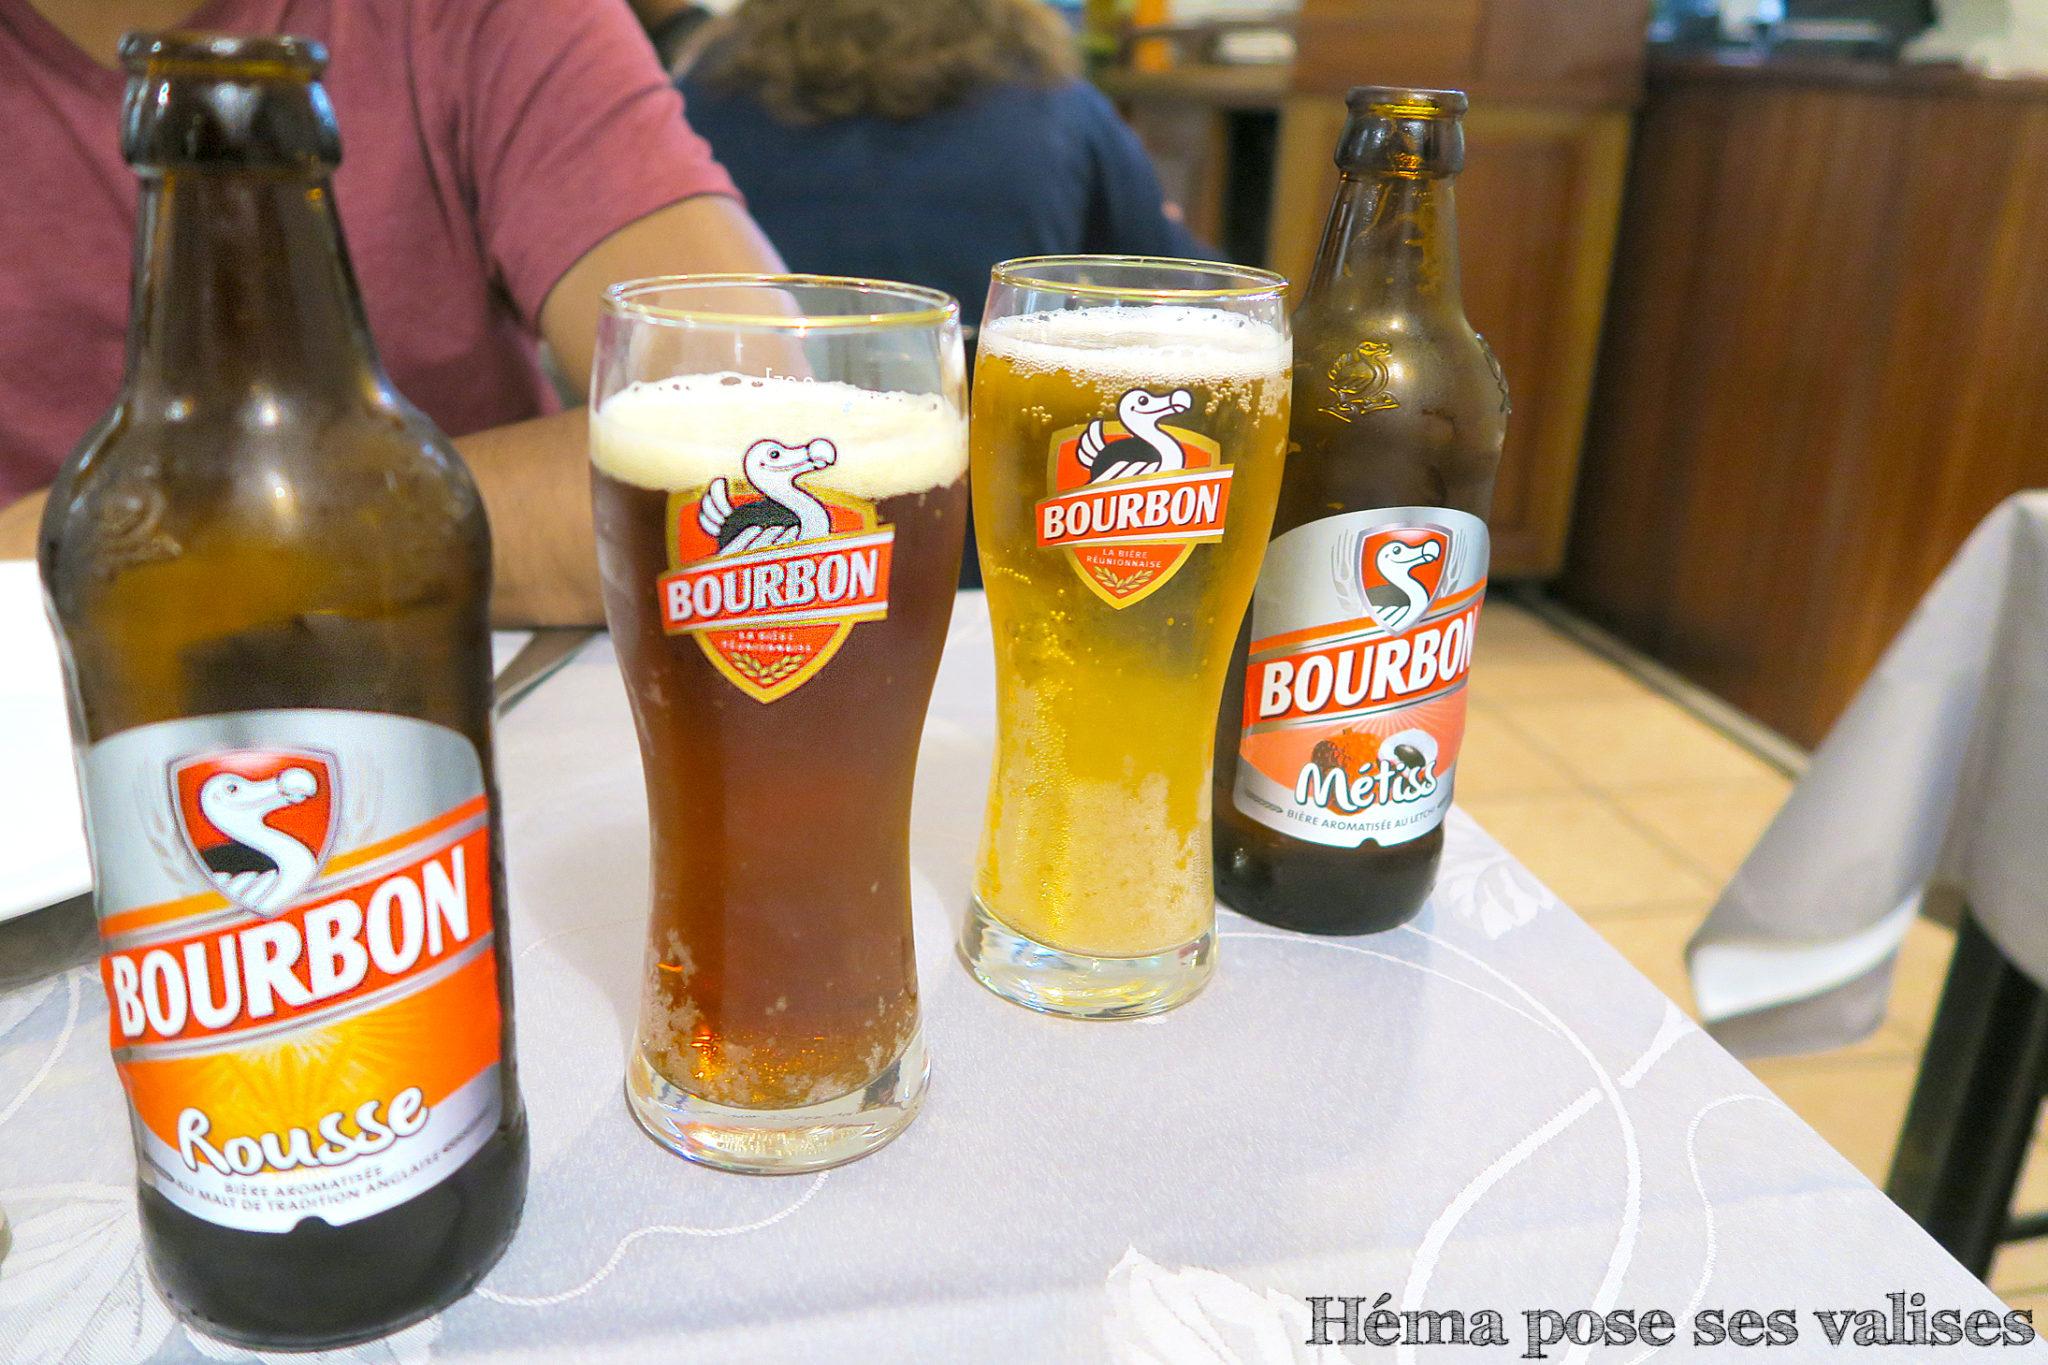 Deux variétés de bière Bourbon la rousse et la métiss à La Réunion